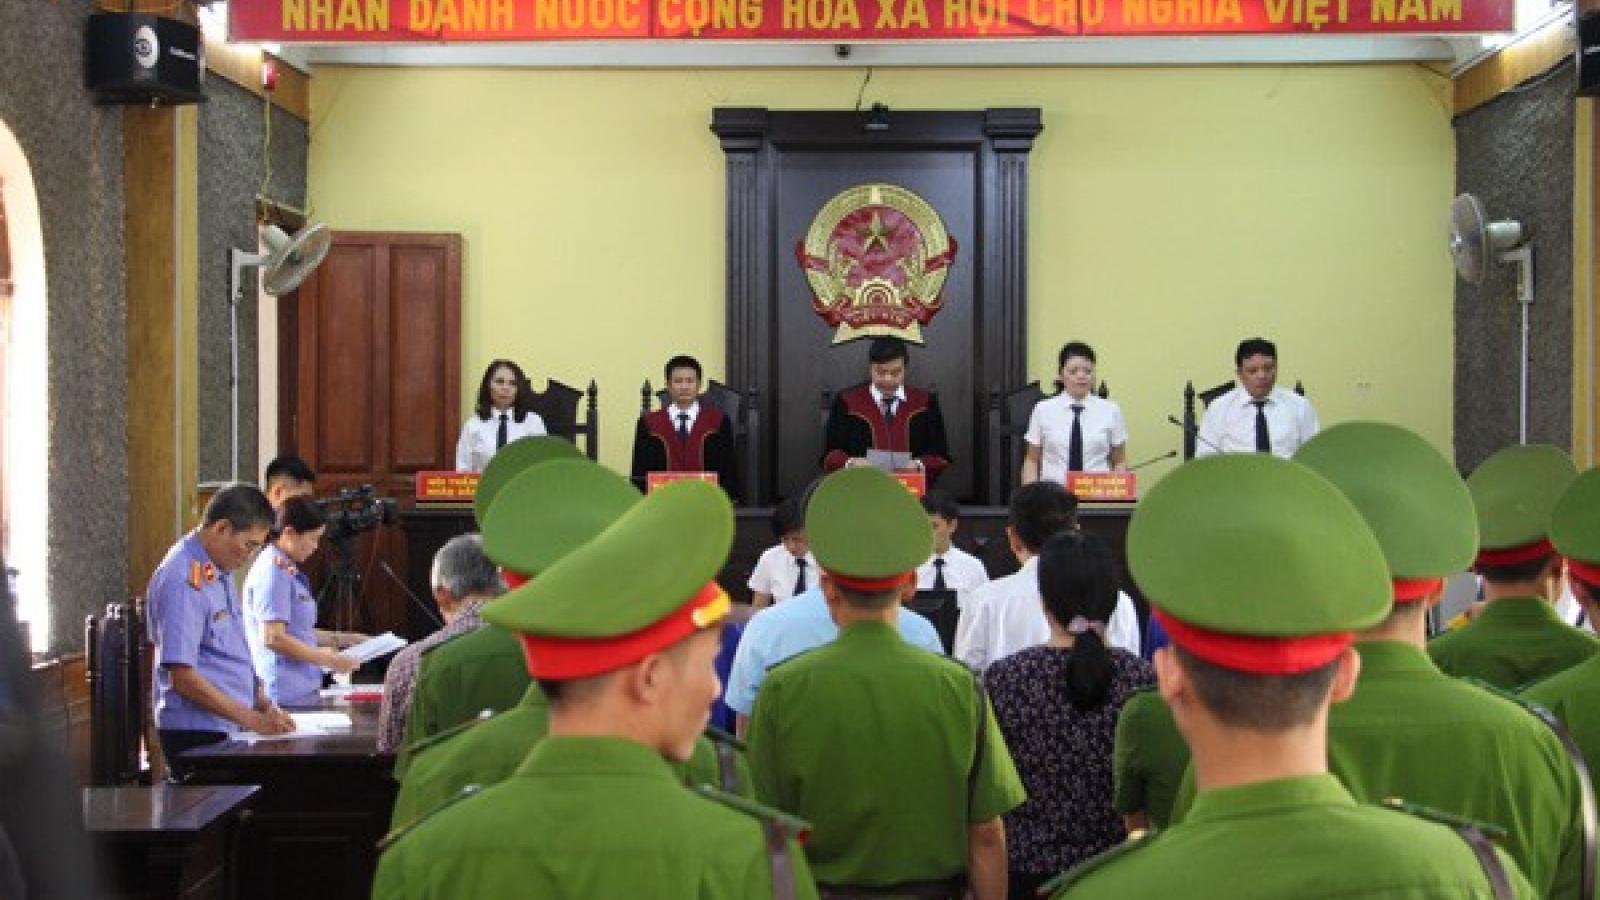 Ngày 21/5, mở lại phiên tòa sơ thẩm vụ gian lận thi cử ở Sơn La